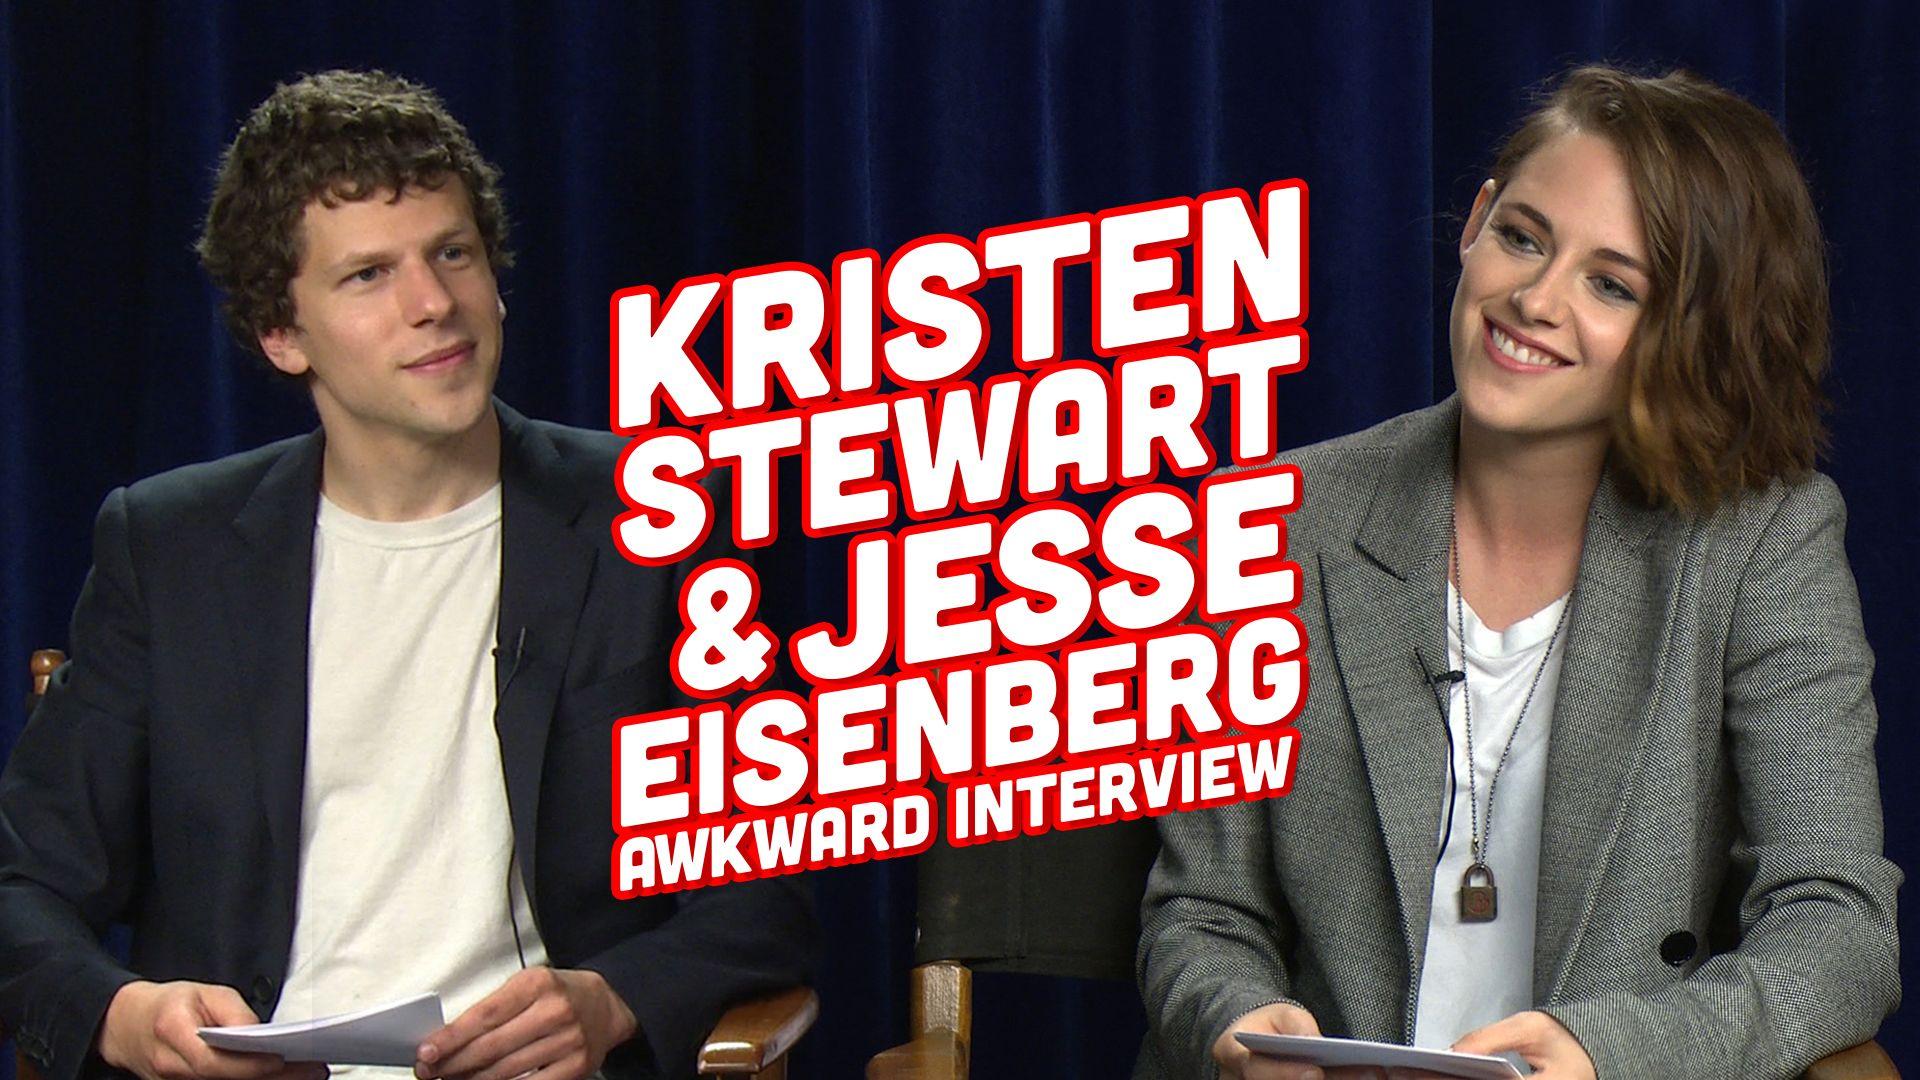 Kristen Stewart And Jesse Eisenberg S Awkward Interview Kristen